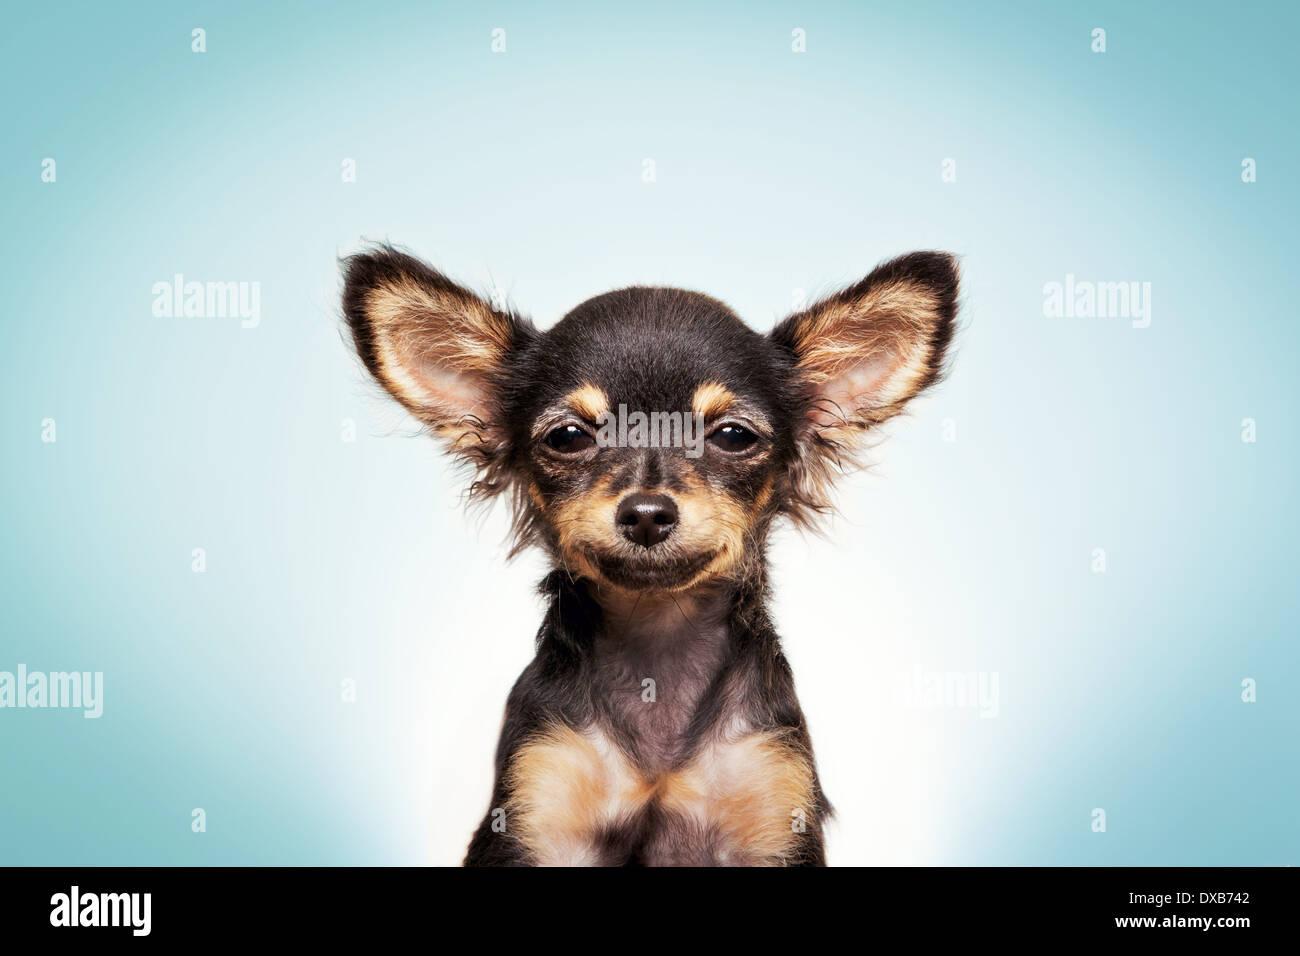 Chihuahua Hund Lächeln auf den Lippen, starrte in die Kamera. Stockbild